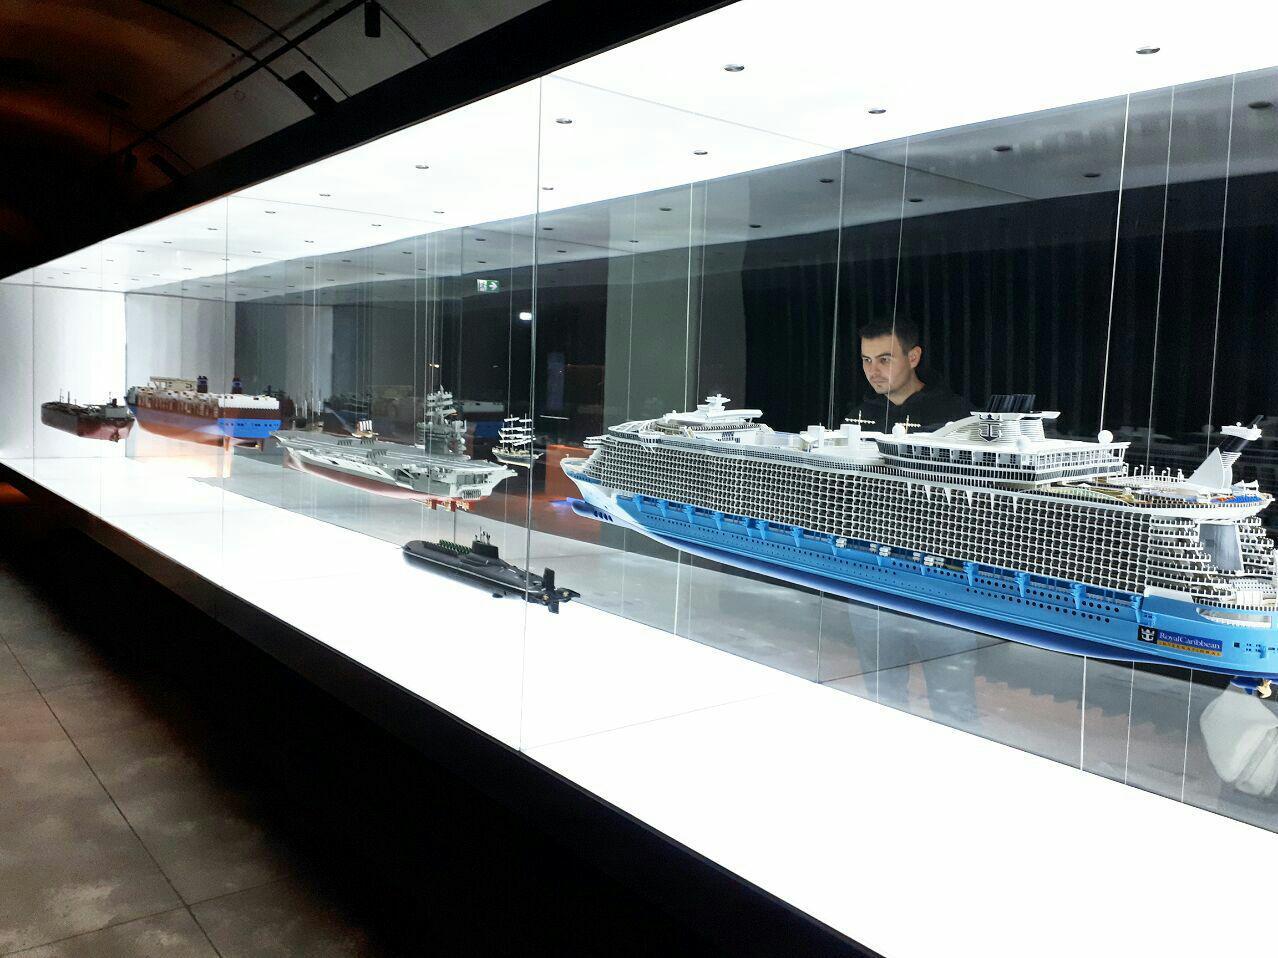 کشتیها و زیردریاییهای معروف جهان